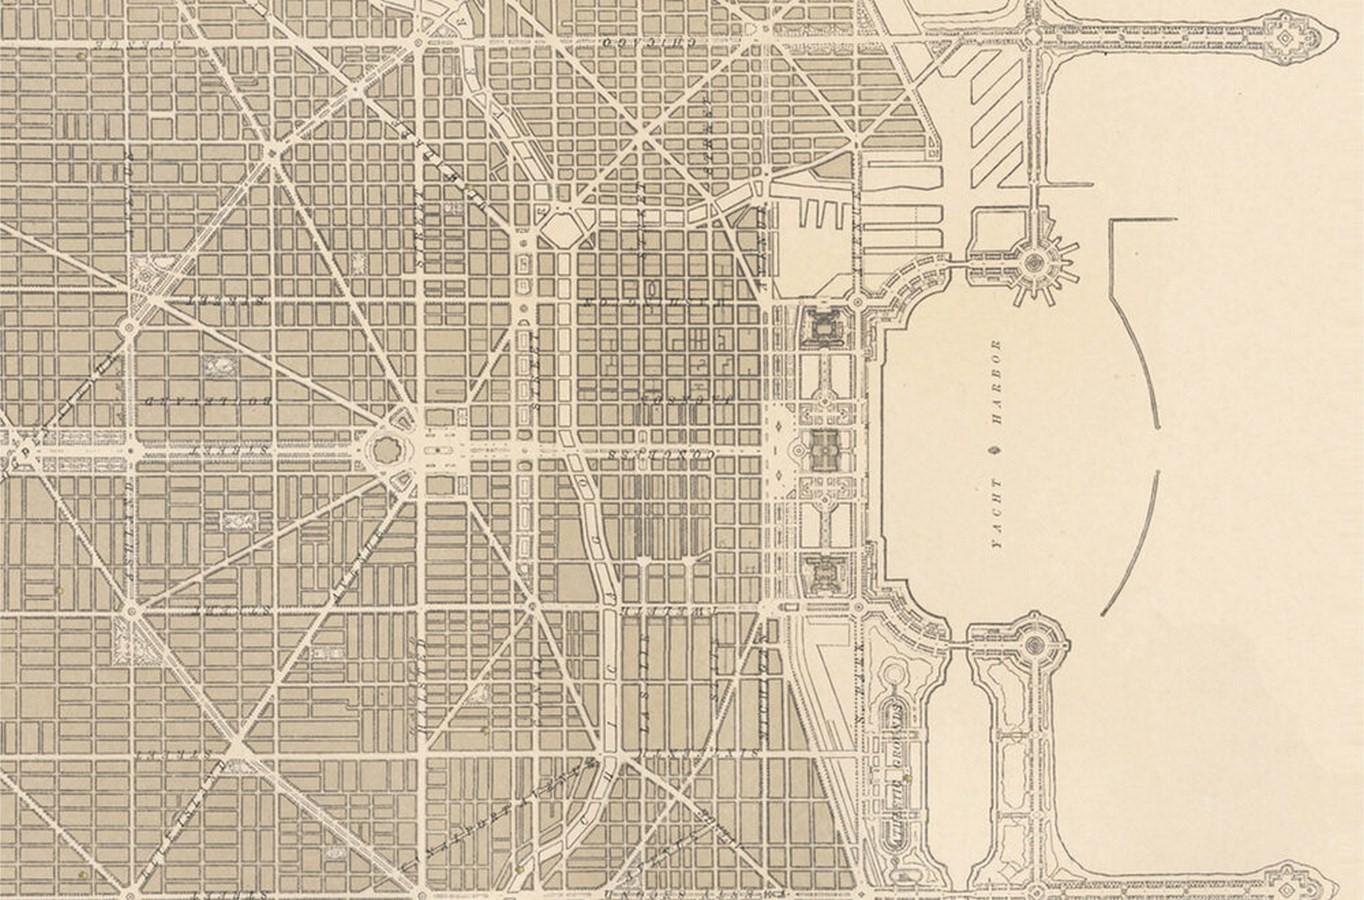 Plan of Chicago, 1909. - Sheet1